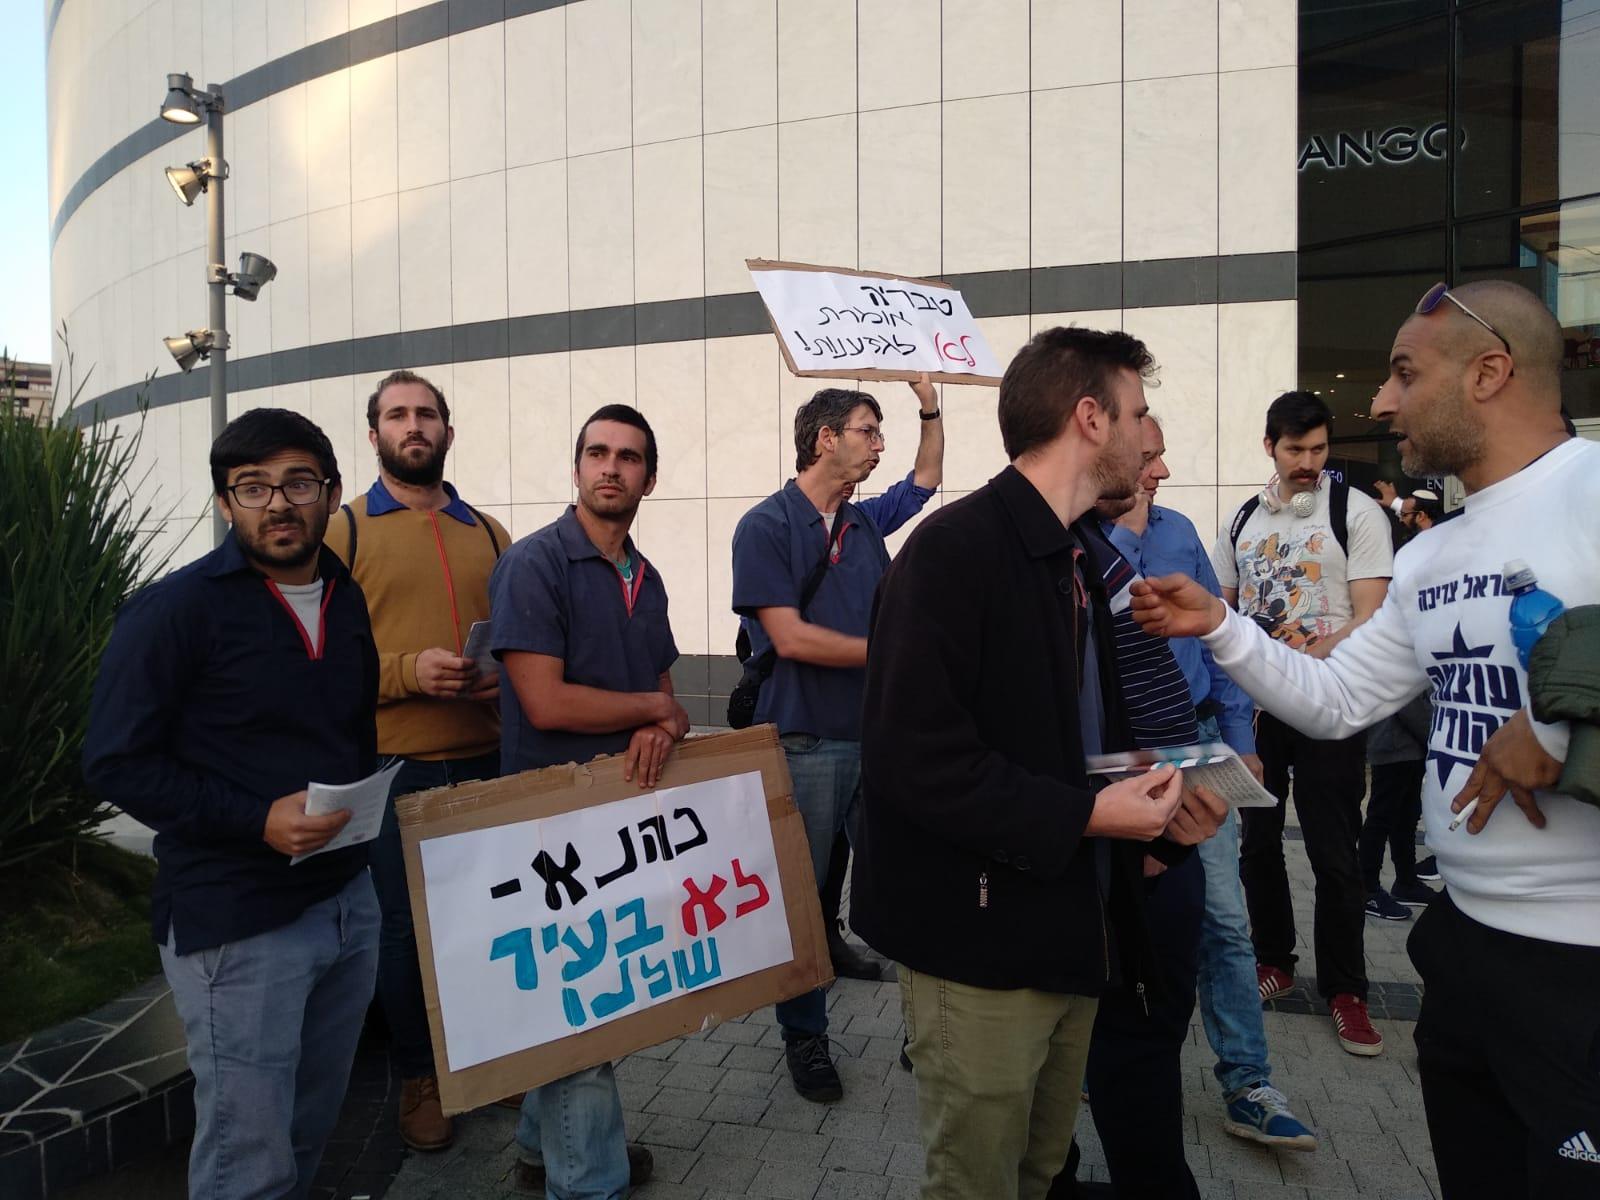 חניכי הנוער העובד והלומד בטבריה דרשו מאיתמר בן גביר לא להכתים את העיר